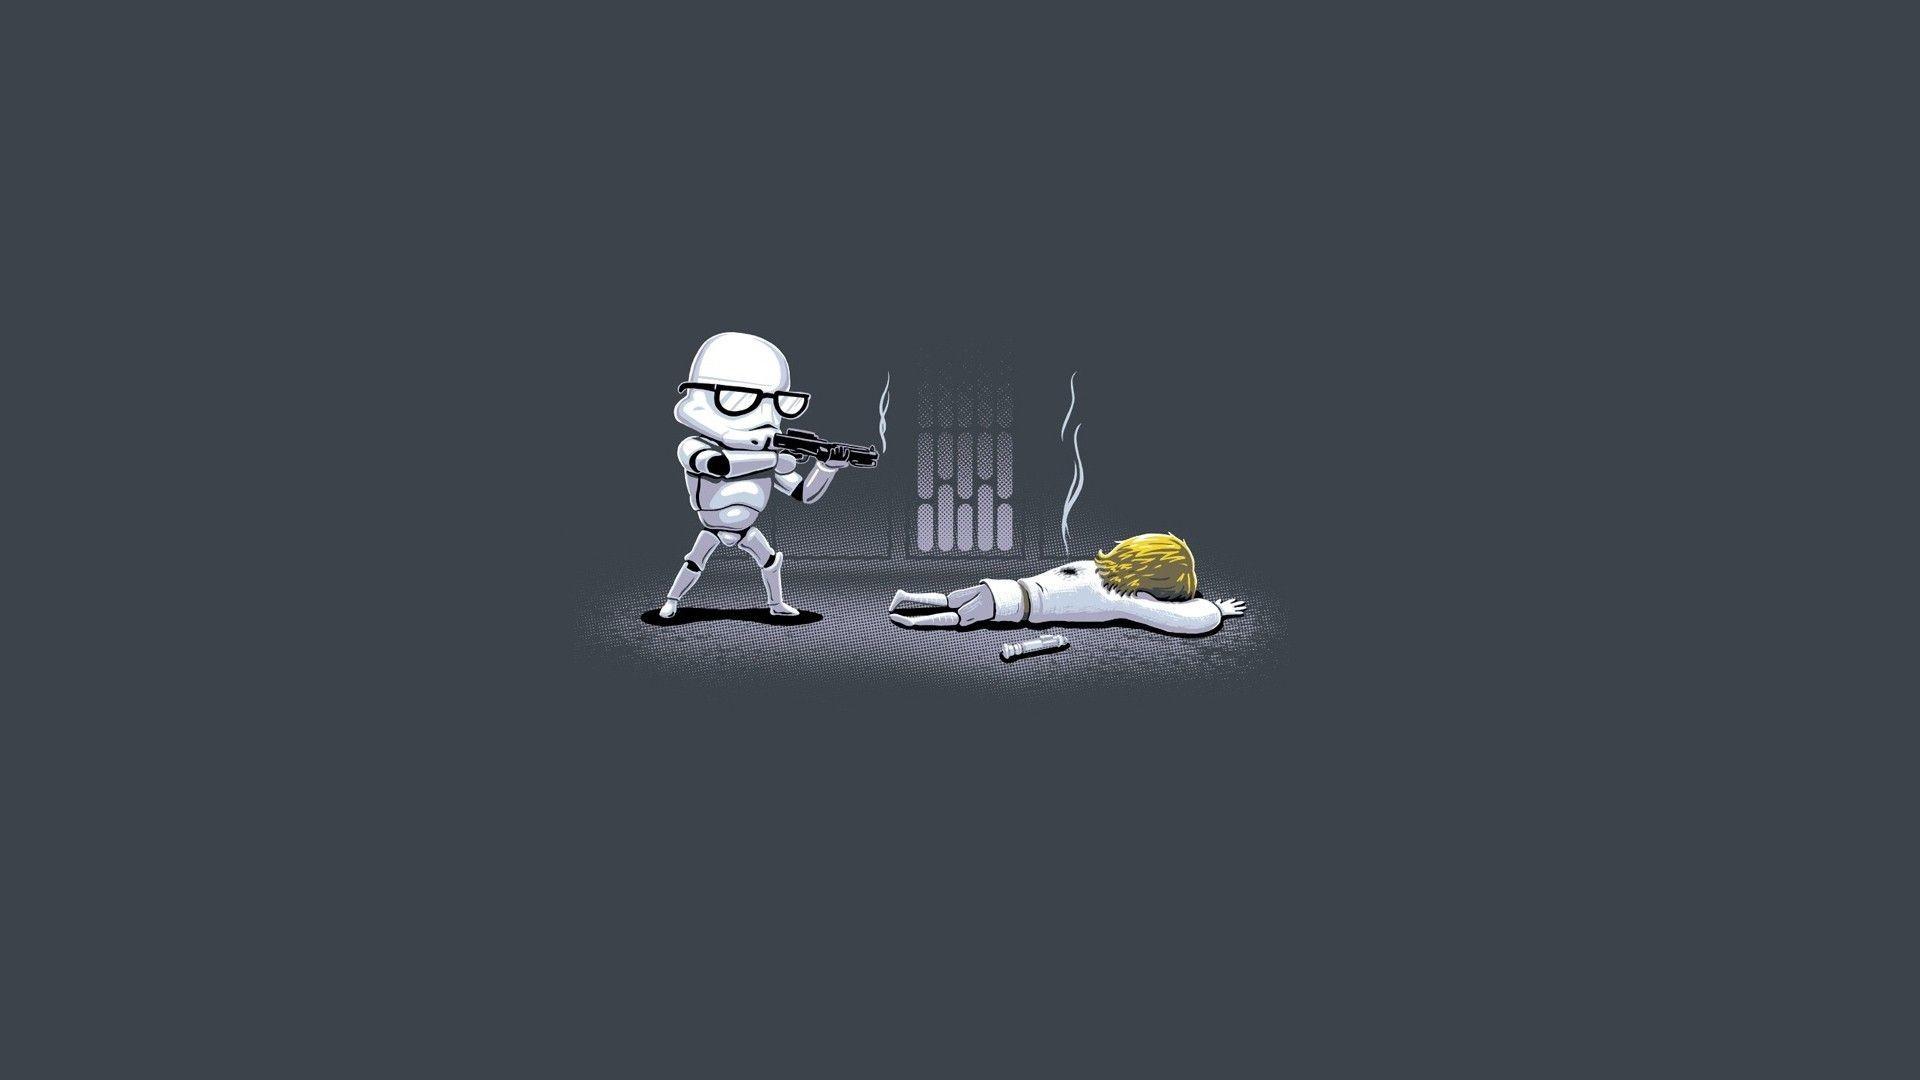 Minimalist Star Wars Fun Comic Wallpaper #13809 Wallpaper .